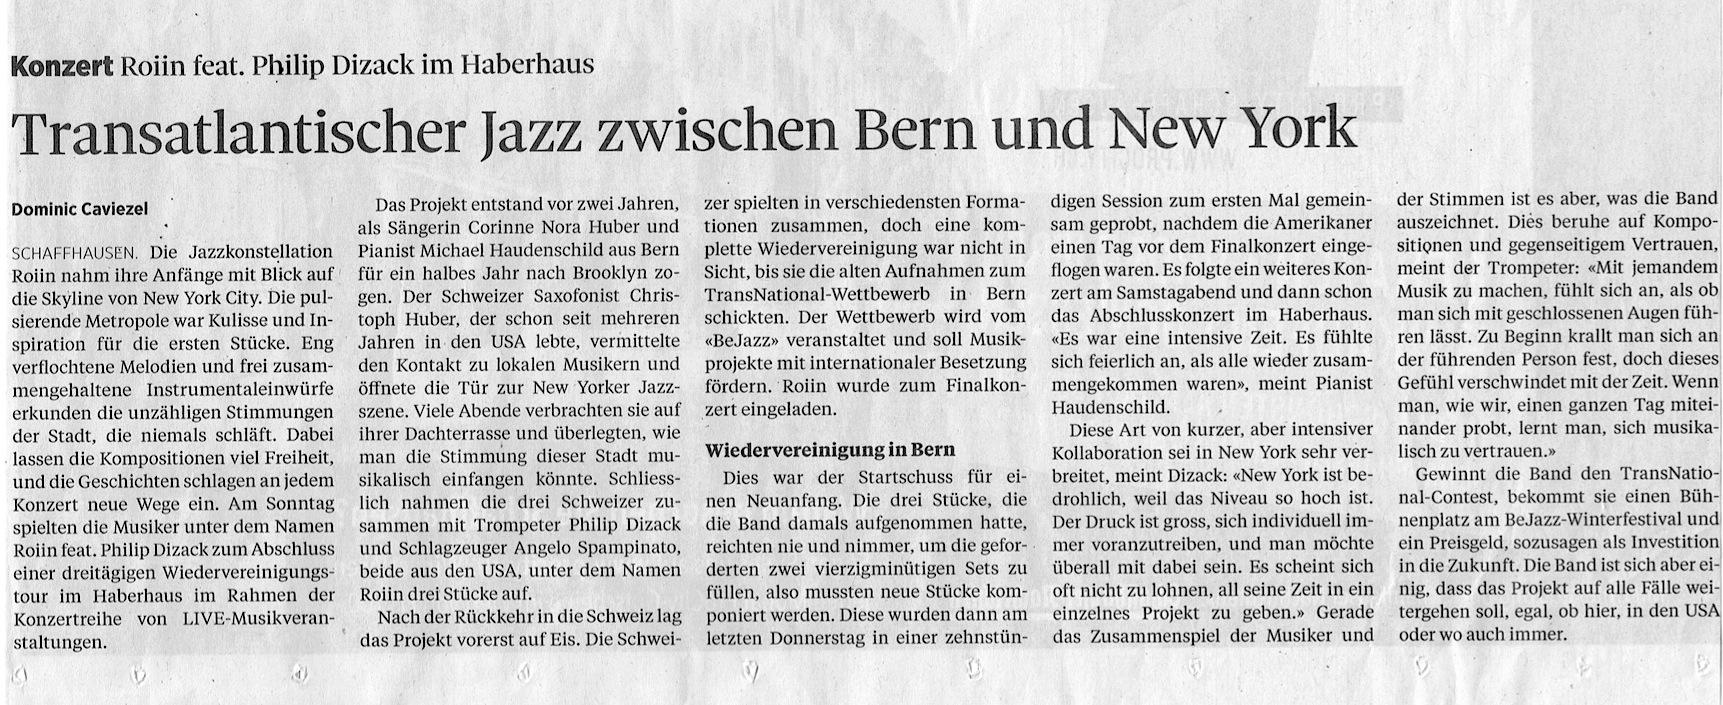 Artikel Schaffhausen Roiin.jpg